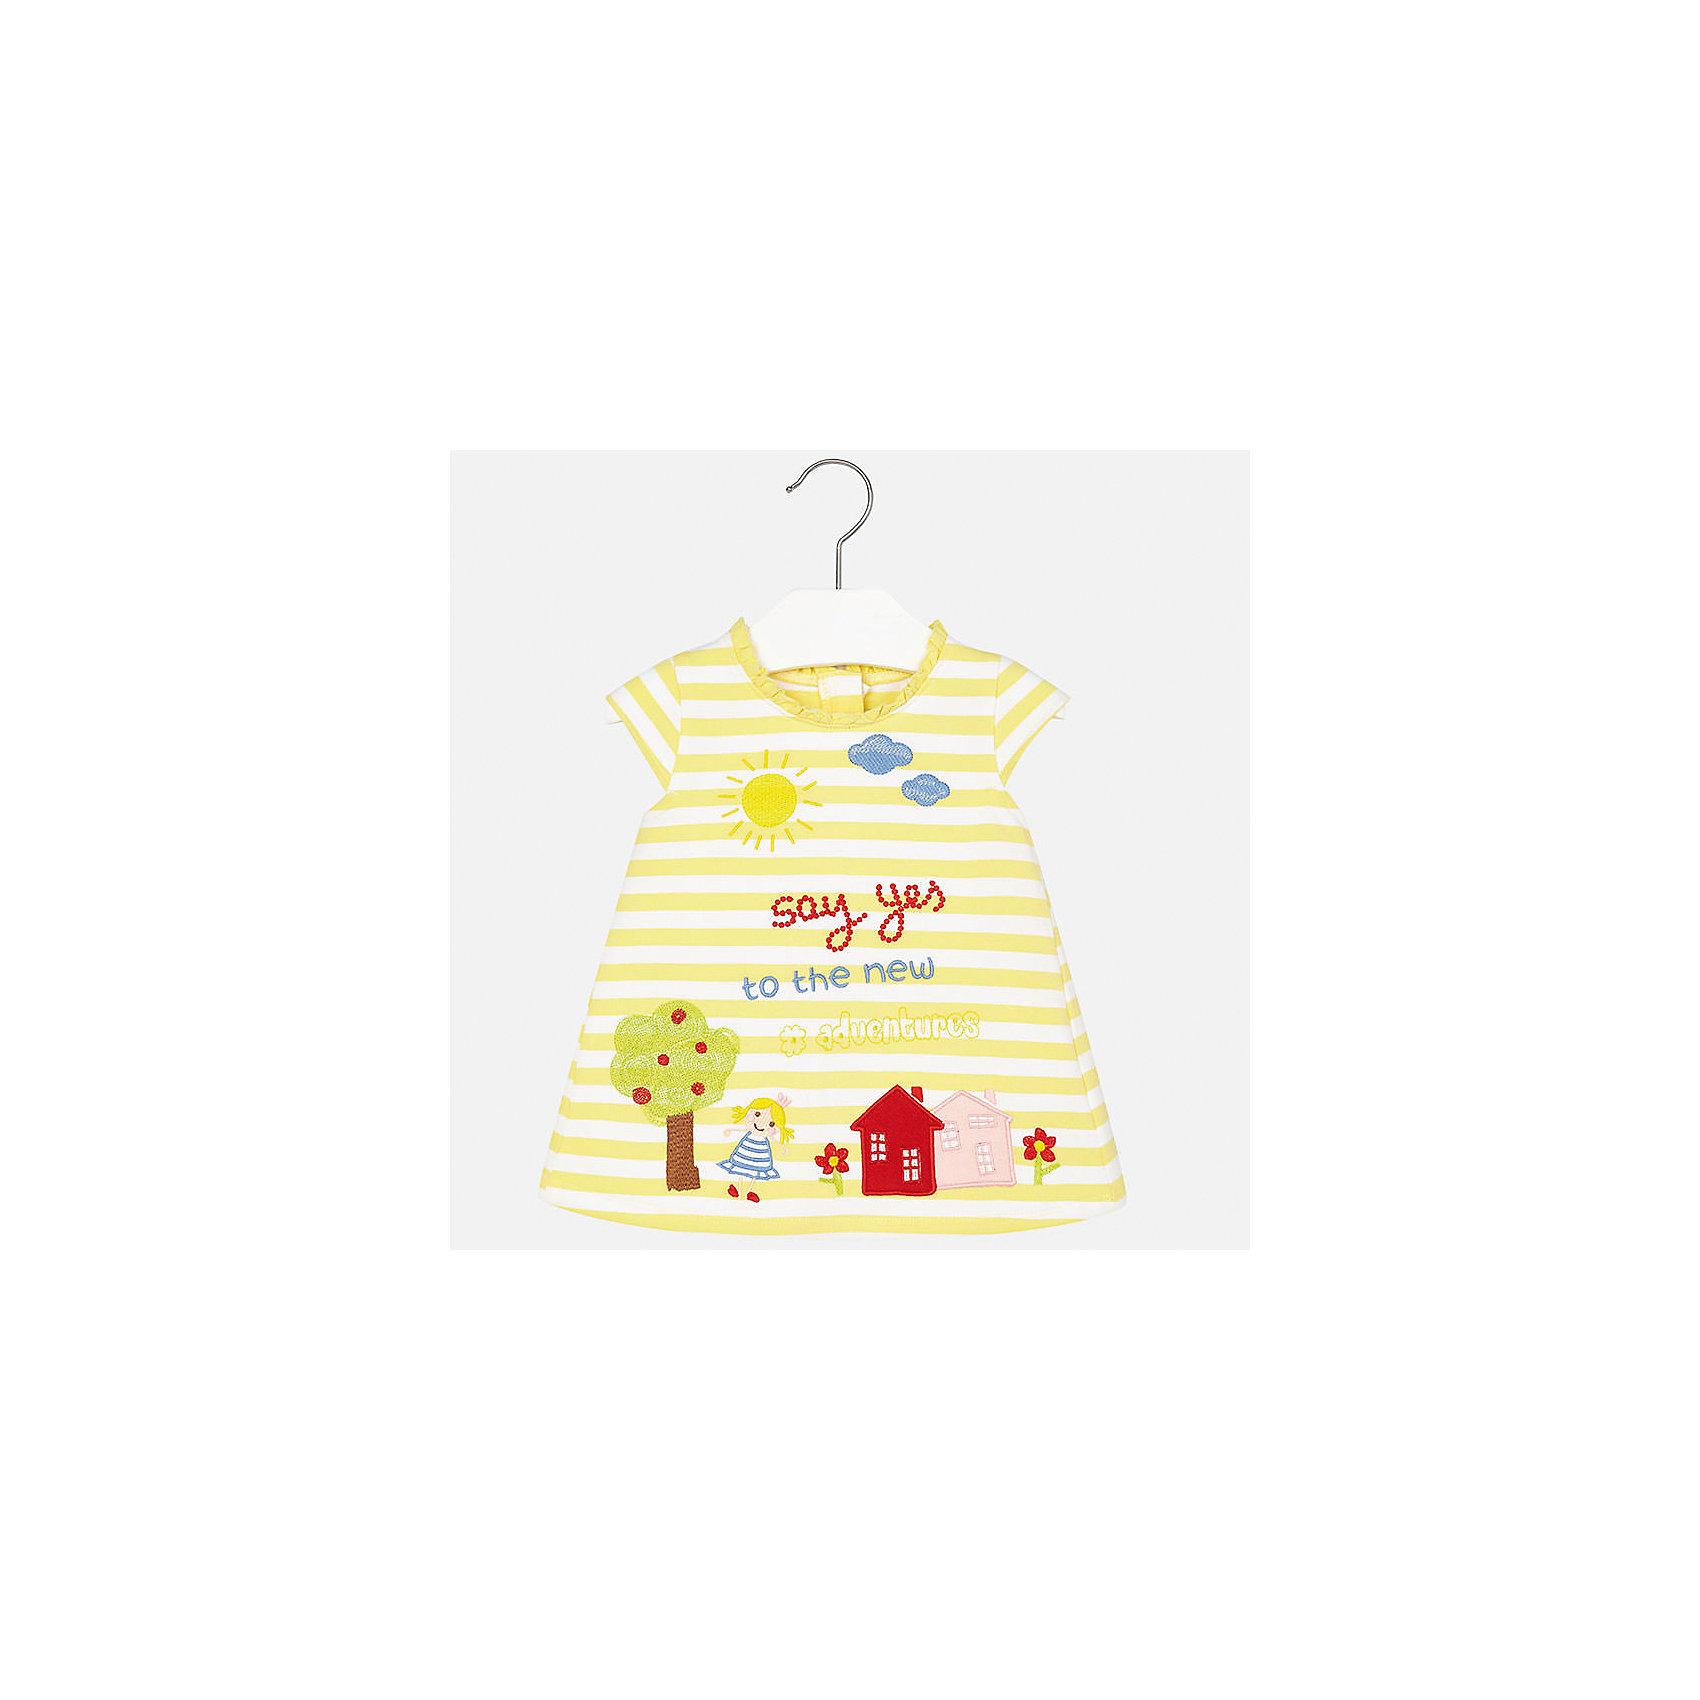 Платье для девочки MayoralСицилия<br>Характеристики товара:<br><br>• цвет: желтый<br>• состав: 95% хлопок, 5% эластан<br>• застежка: молния<br>• легкий материал<br>• оборки на вороте<br>• короткие рукава<br>• принт<br>• страна бренда: Испания<br><br>Красивое легкое платье для девочки поможет разнообразить гардероб ребенка и создать эффектный наряд. Оно подойдет и для торжественных случаев, может быть и как ежедневный наряд. Красивый оттенок позволяет подобрать к вещи обувь разных расцветок. В составе материала подкладки - натуральный хлопок, гипоаллергенный, приятный на ощупь, дышащий. Платье хорошо сидит по фигуре.<br><br>Одежда, обувь и аксессуары от испанского бренда Mayoral полюбились детям и взрослым по всему миру. Модели этой марки - стильные и удобные. Для их производства используются только безопасные, качественные материалы и фурнитура. Порадуйте ребенка модными и красивыми вещами от Mayoral! <br><br>Платье для девочки от испанского бренда Mayoral (Майорал) можно купить в нашем интернет-магазине.<br><br>Ширина мм: 236<br>Глубина мм: 16<br>Высота мм: 184<br>Вес г: 177<br>Цвет: желтый<br>Возраст от месяцев: 6<br>Возраст до месяцев: 9<br>Пол: Женский<br>Возраст: Детский<br>Размер: 92,86,80,74<br>SKU: 5289213